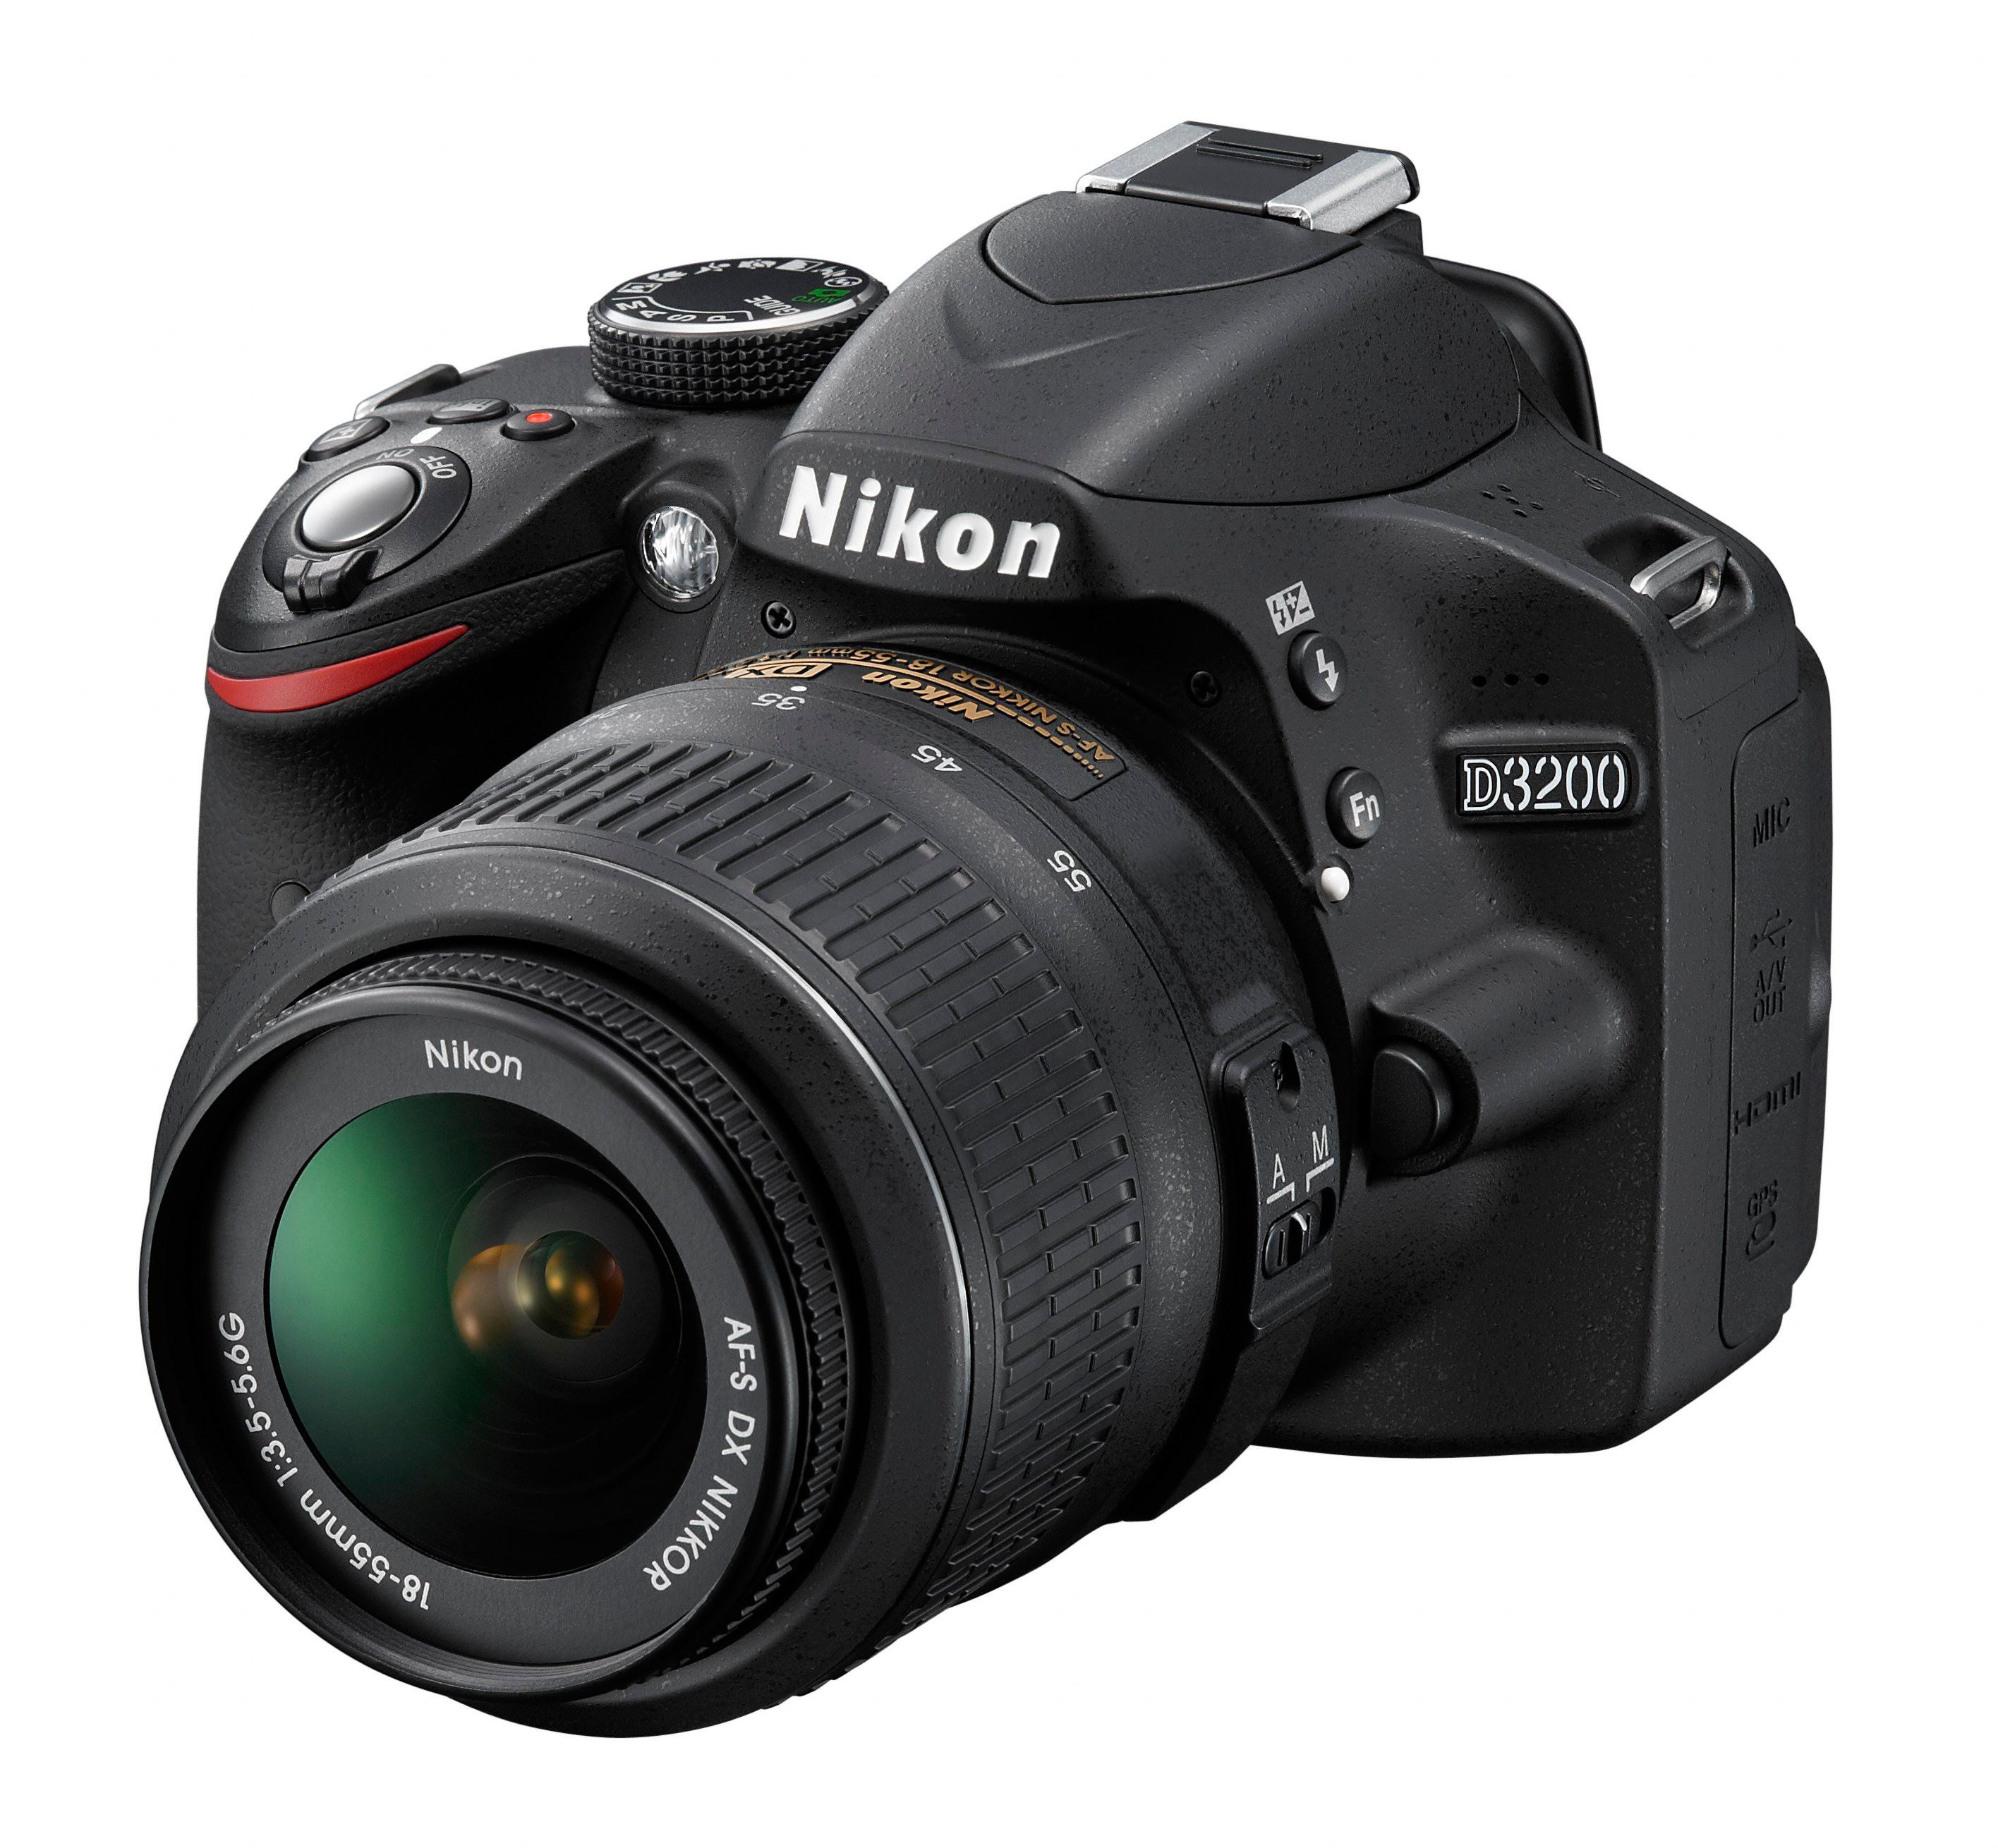 VBA330K002 : Nikon D3200 systemkamera m/18-55 mm